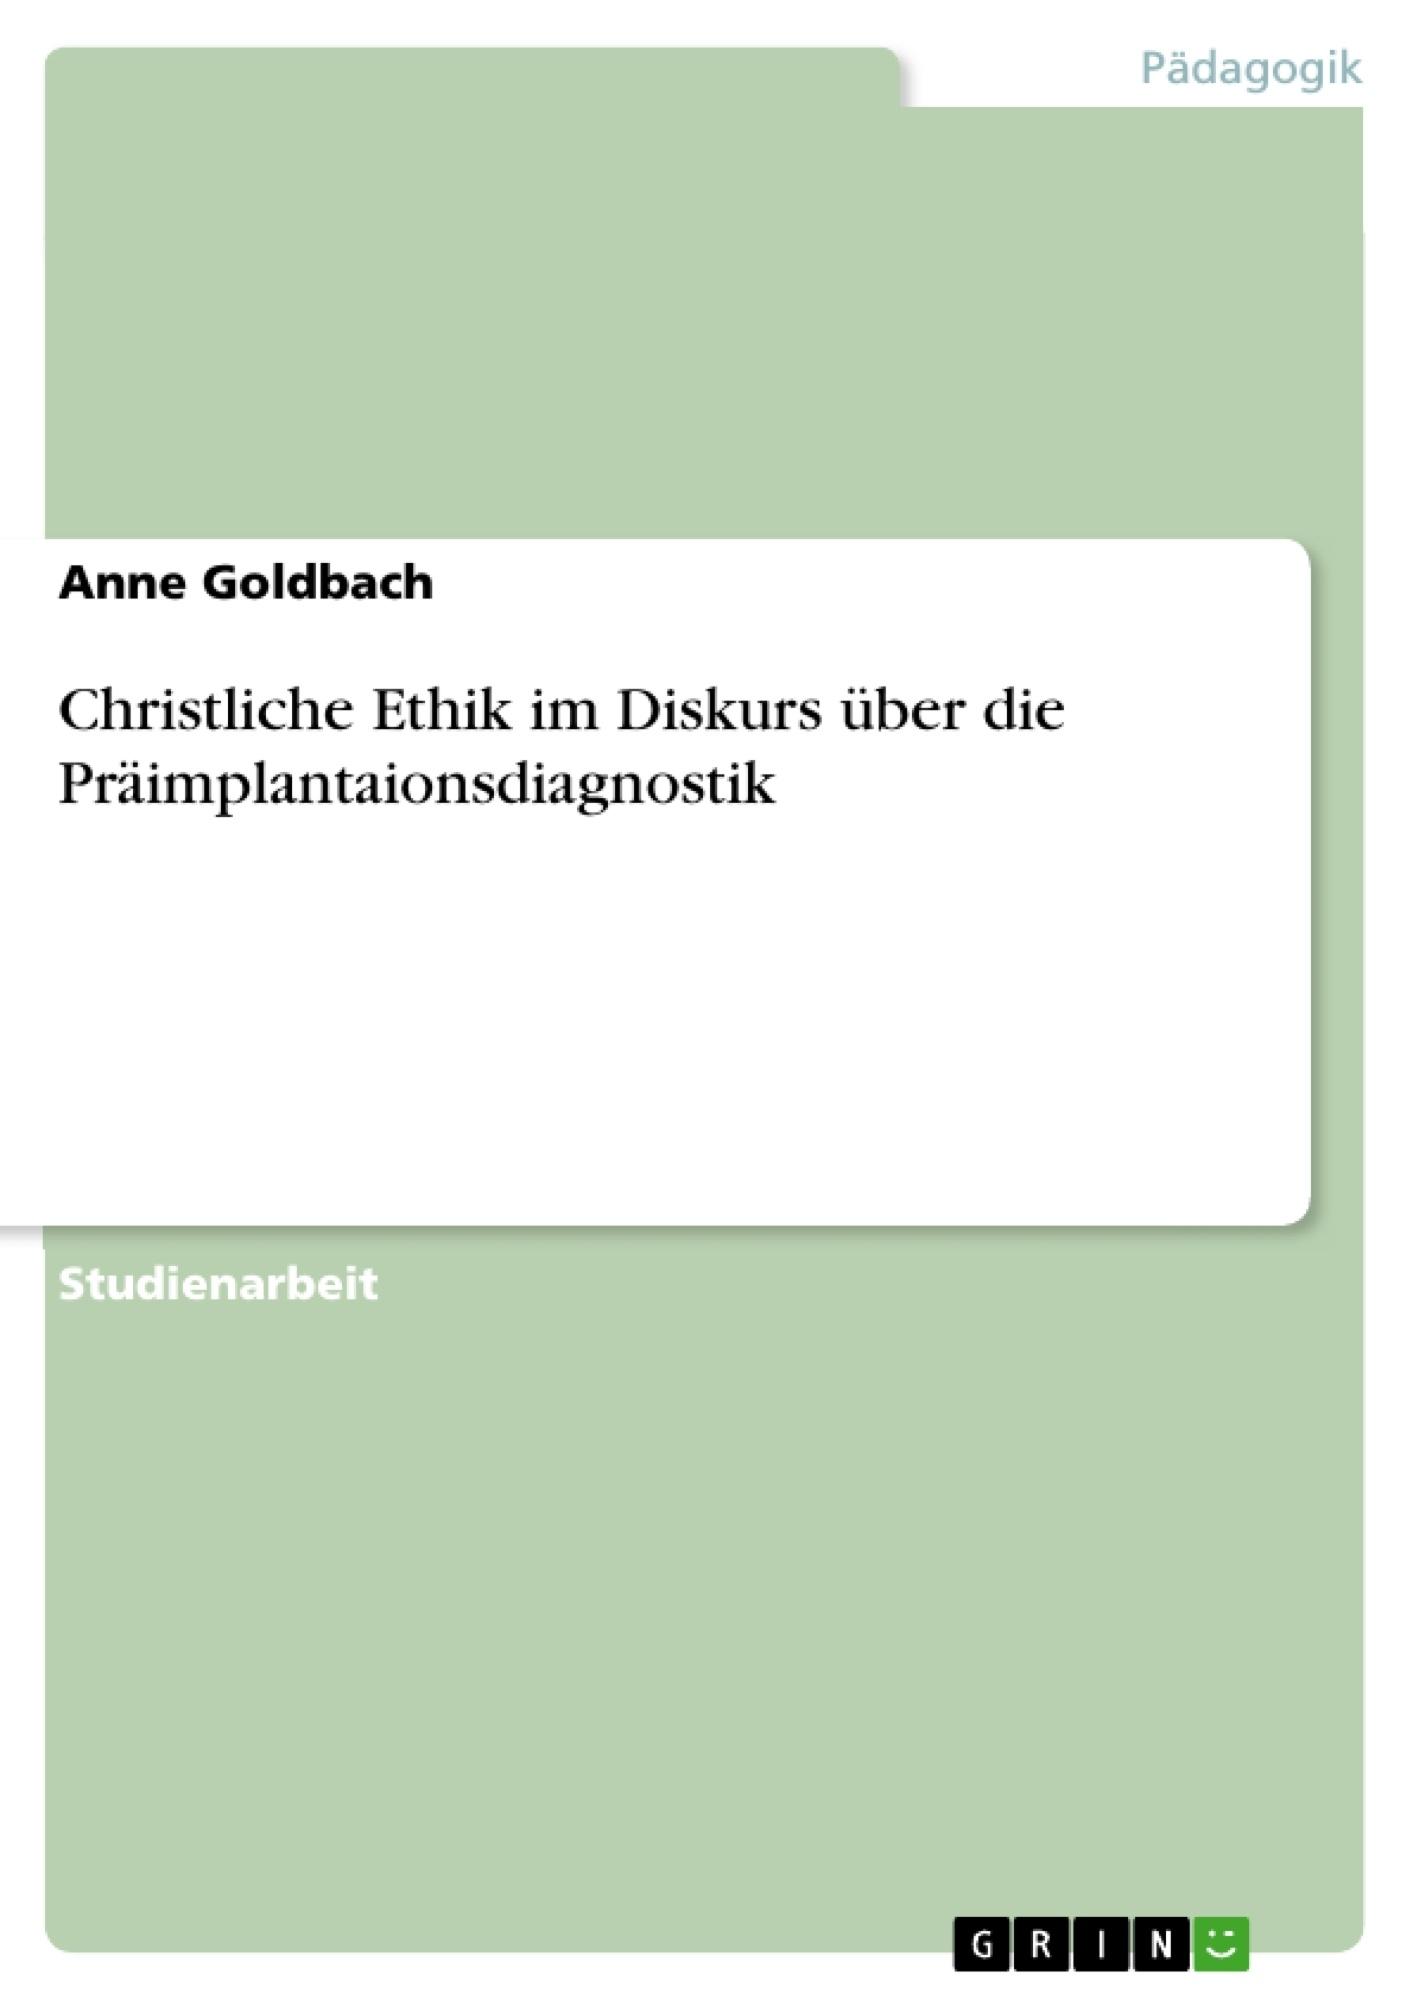 Titel: Christliche Ethik im Diskurs über die Präimplantaionsdiagnostik